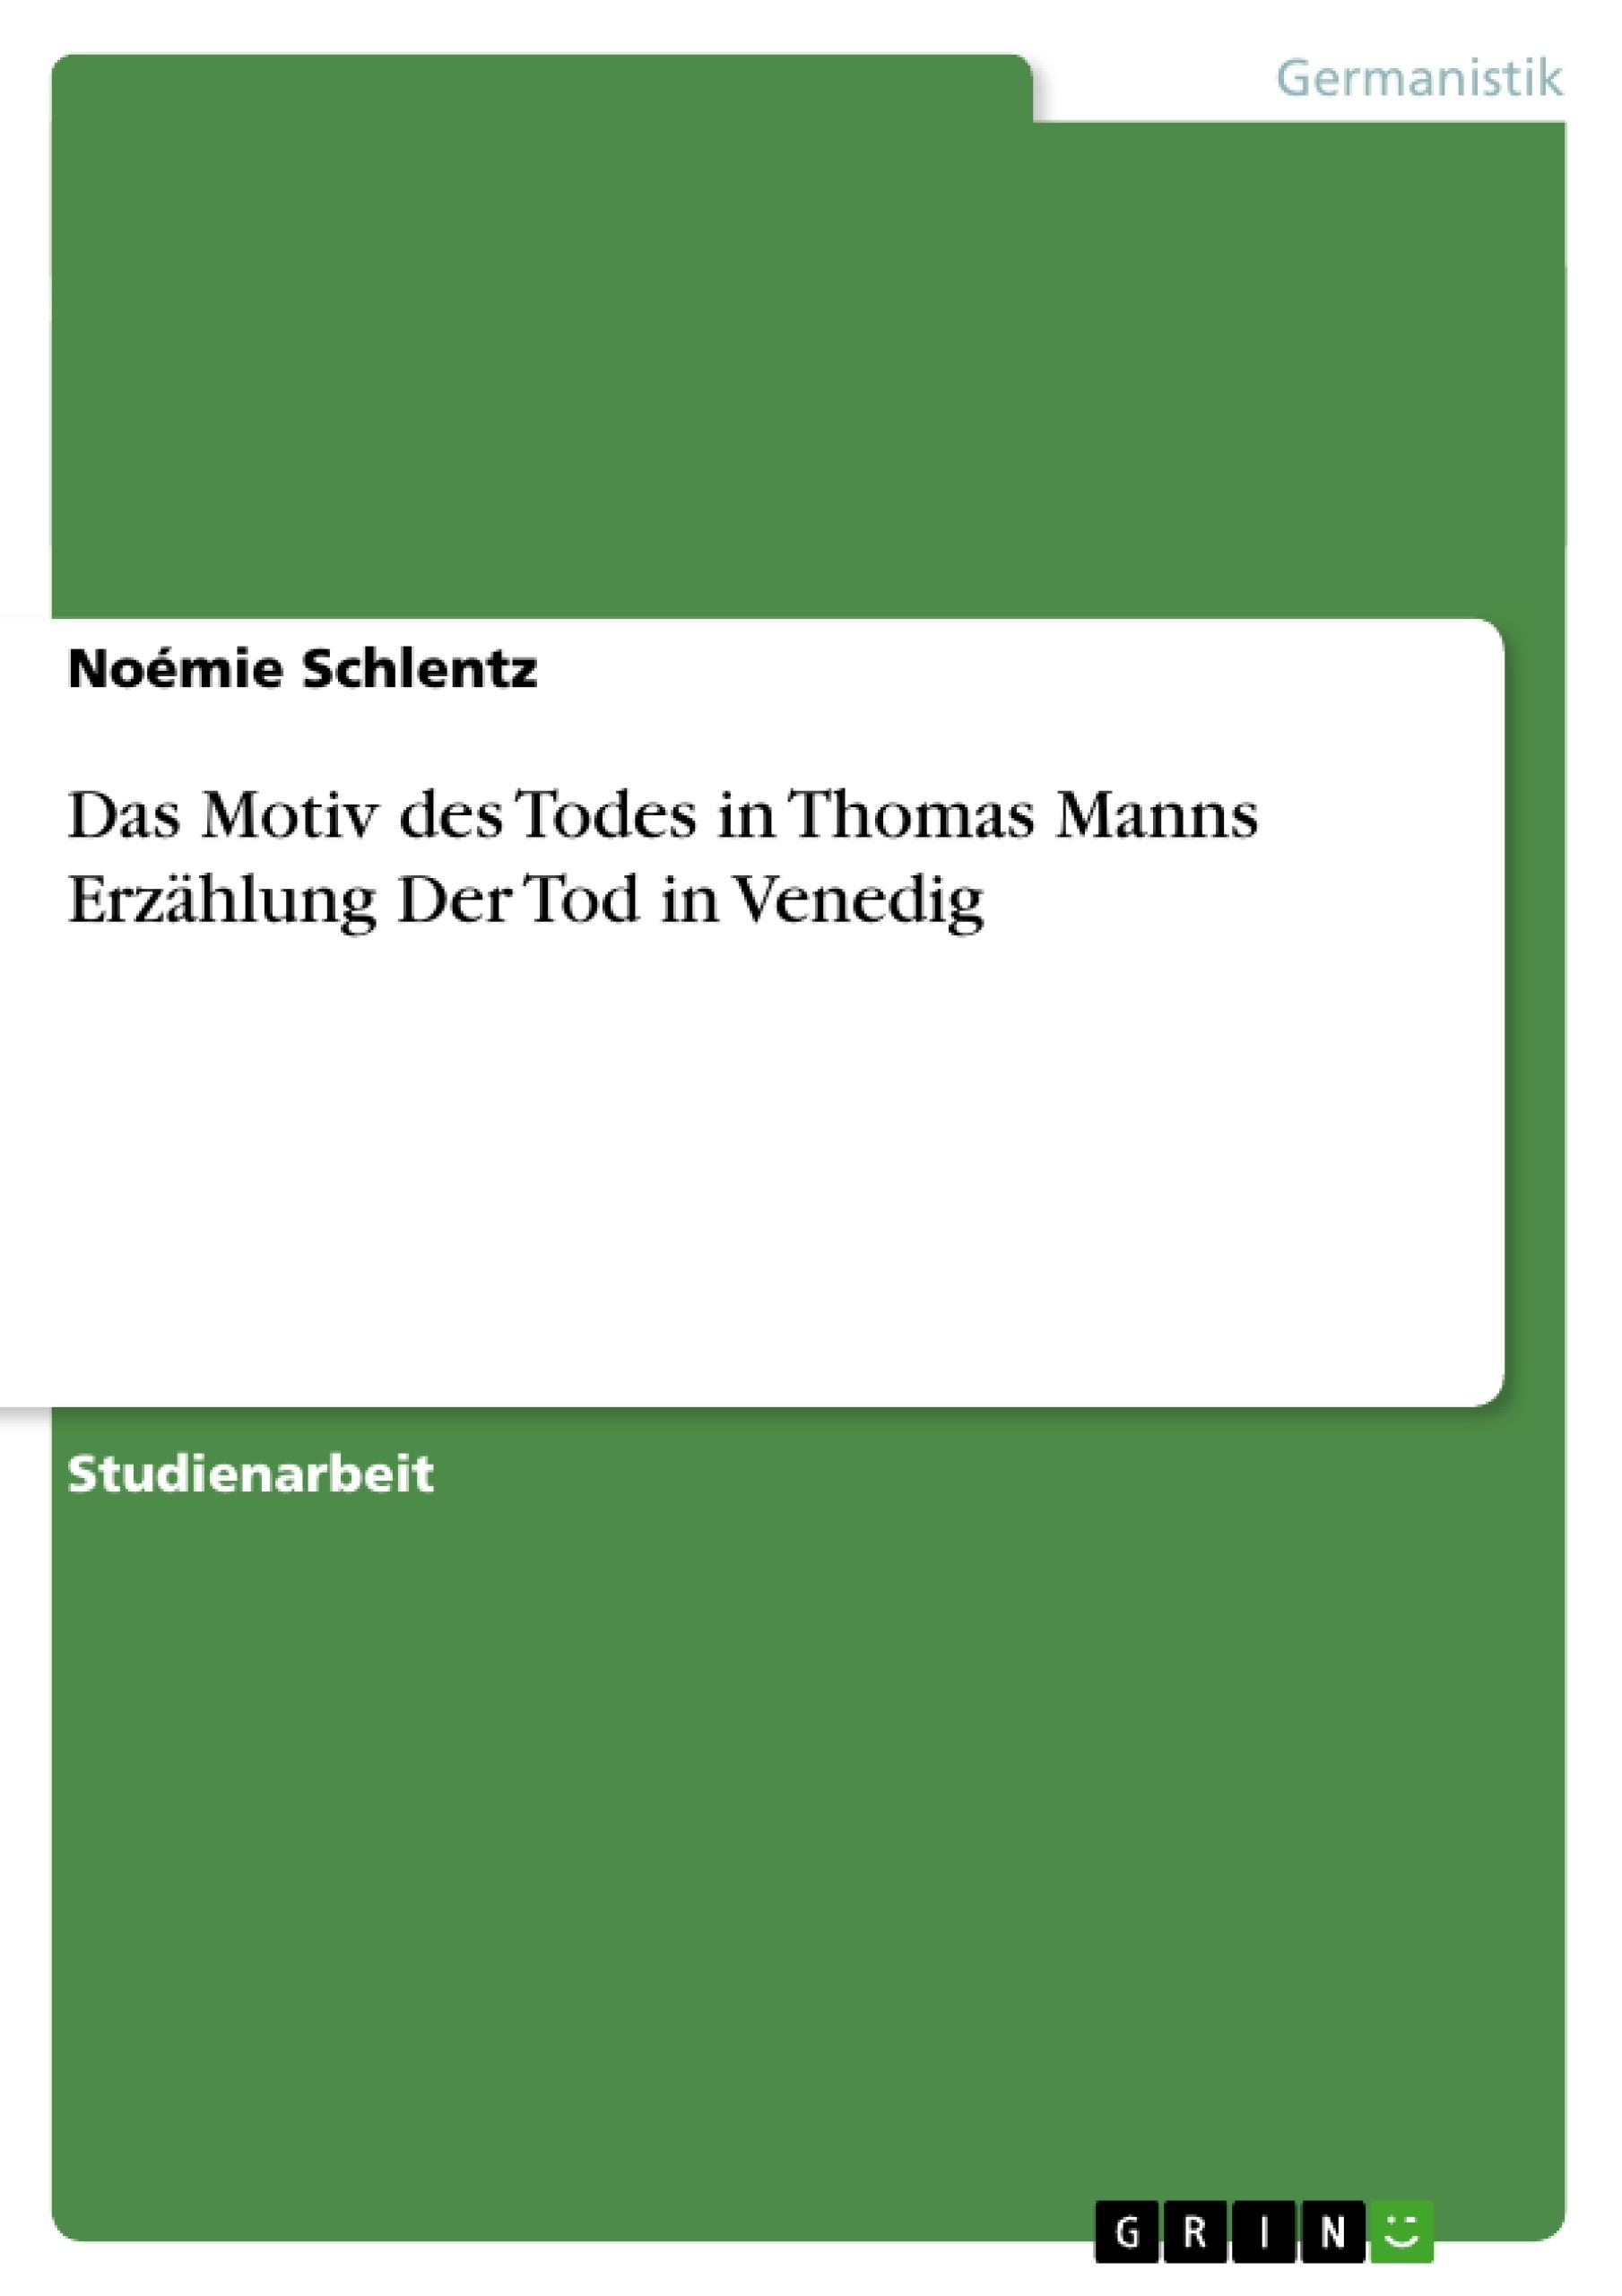 Titel: Das Motiv des Todes in Thomas Manns Erzählung Der Tod in Venedig